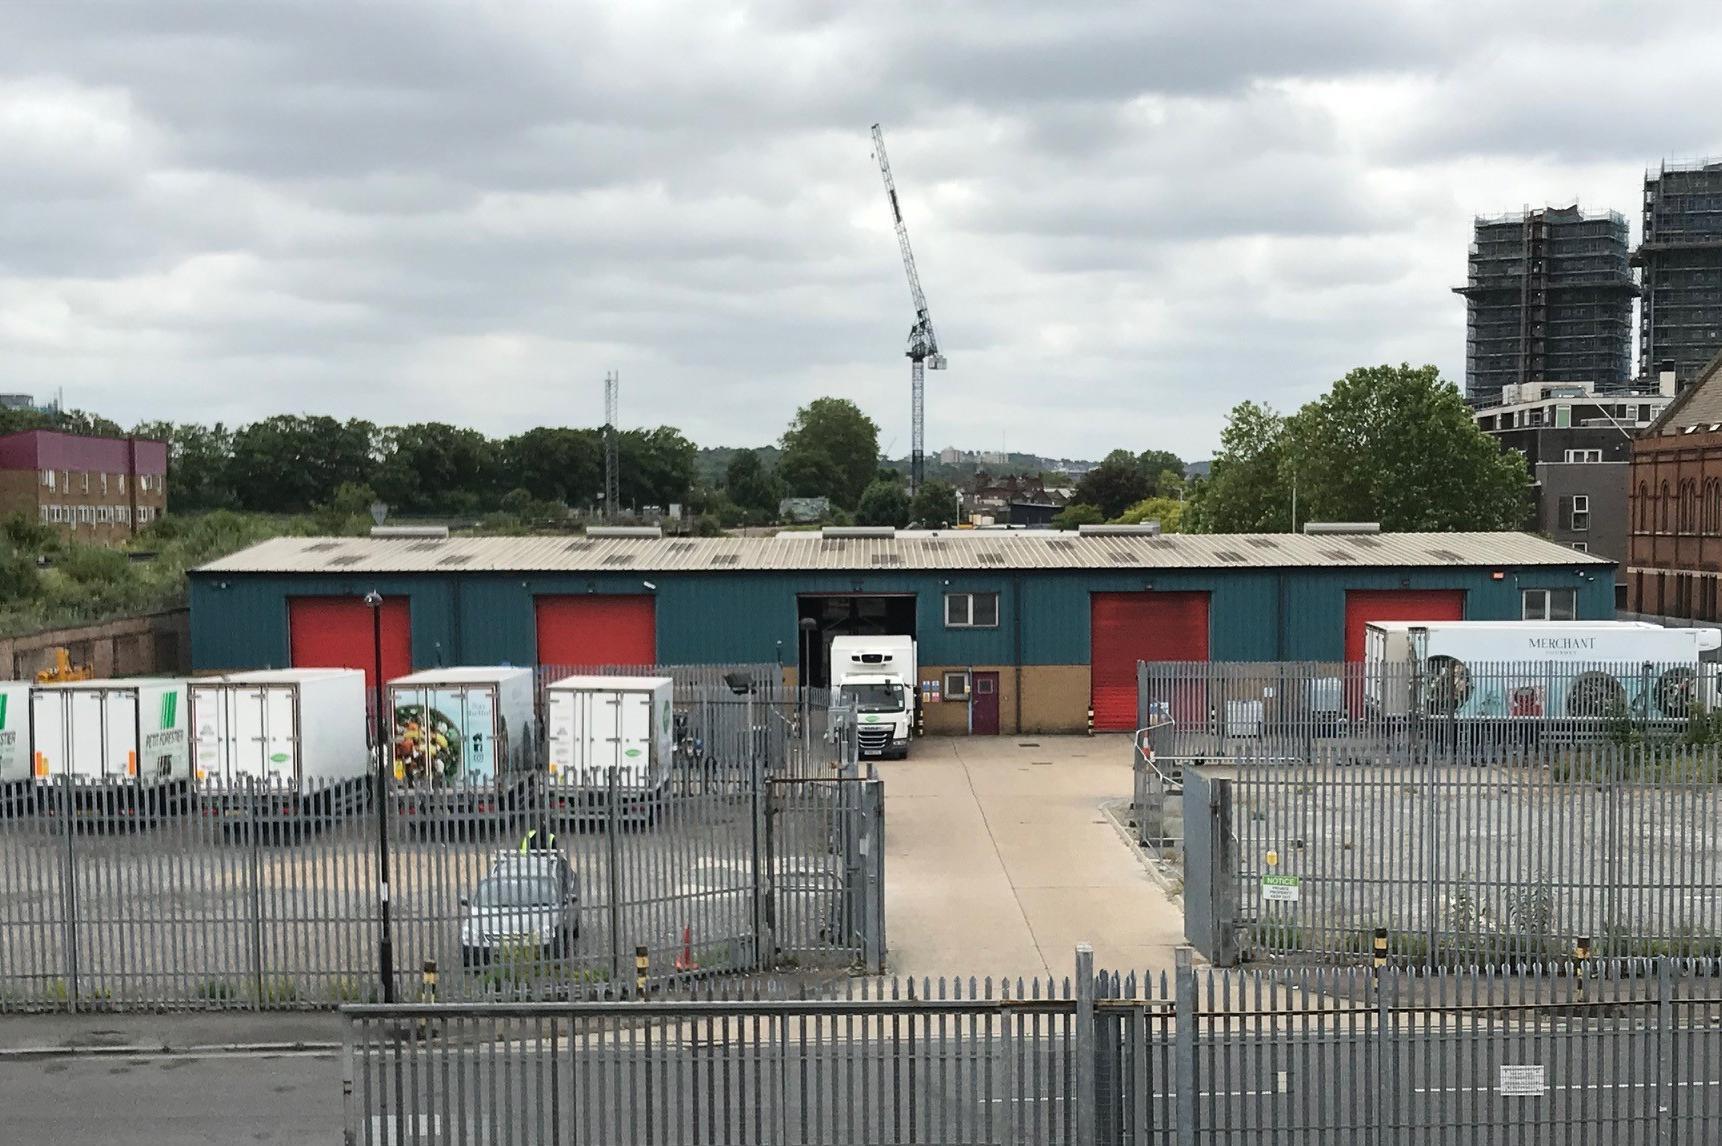 Industrial London, SE15 1NS - 257-283  Ilderton Road/sharratt Street